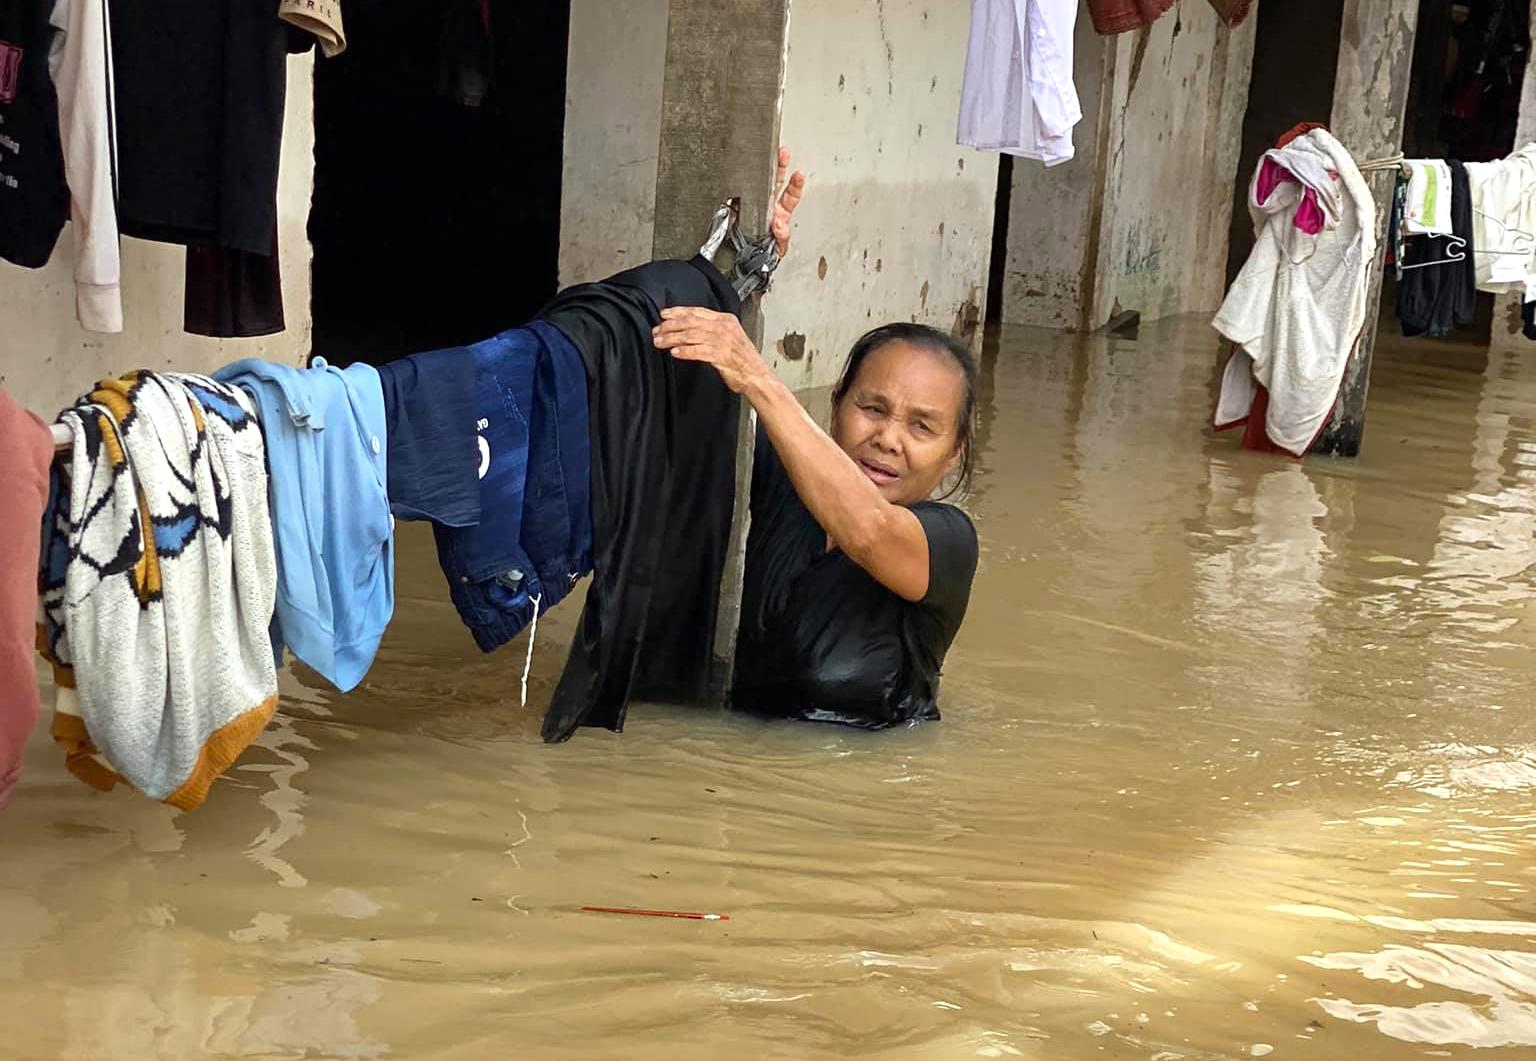 Đợt mưa lịch sử khiến hàng ngàn nhà dân ở huyện Quỳnh Lưu bị ngập sâu